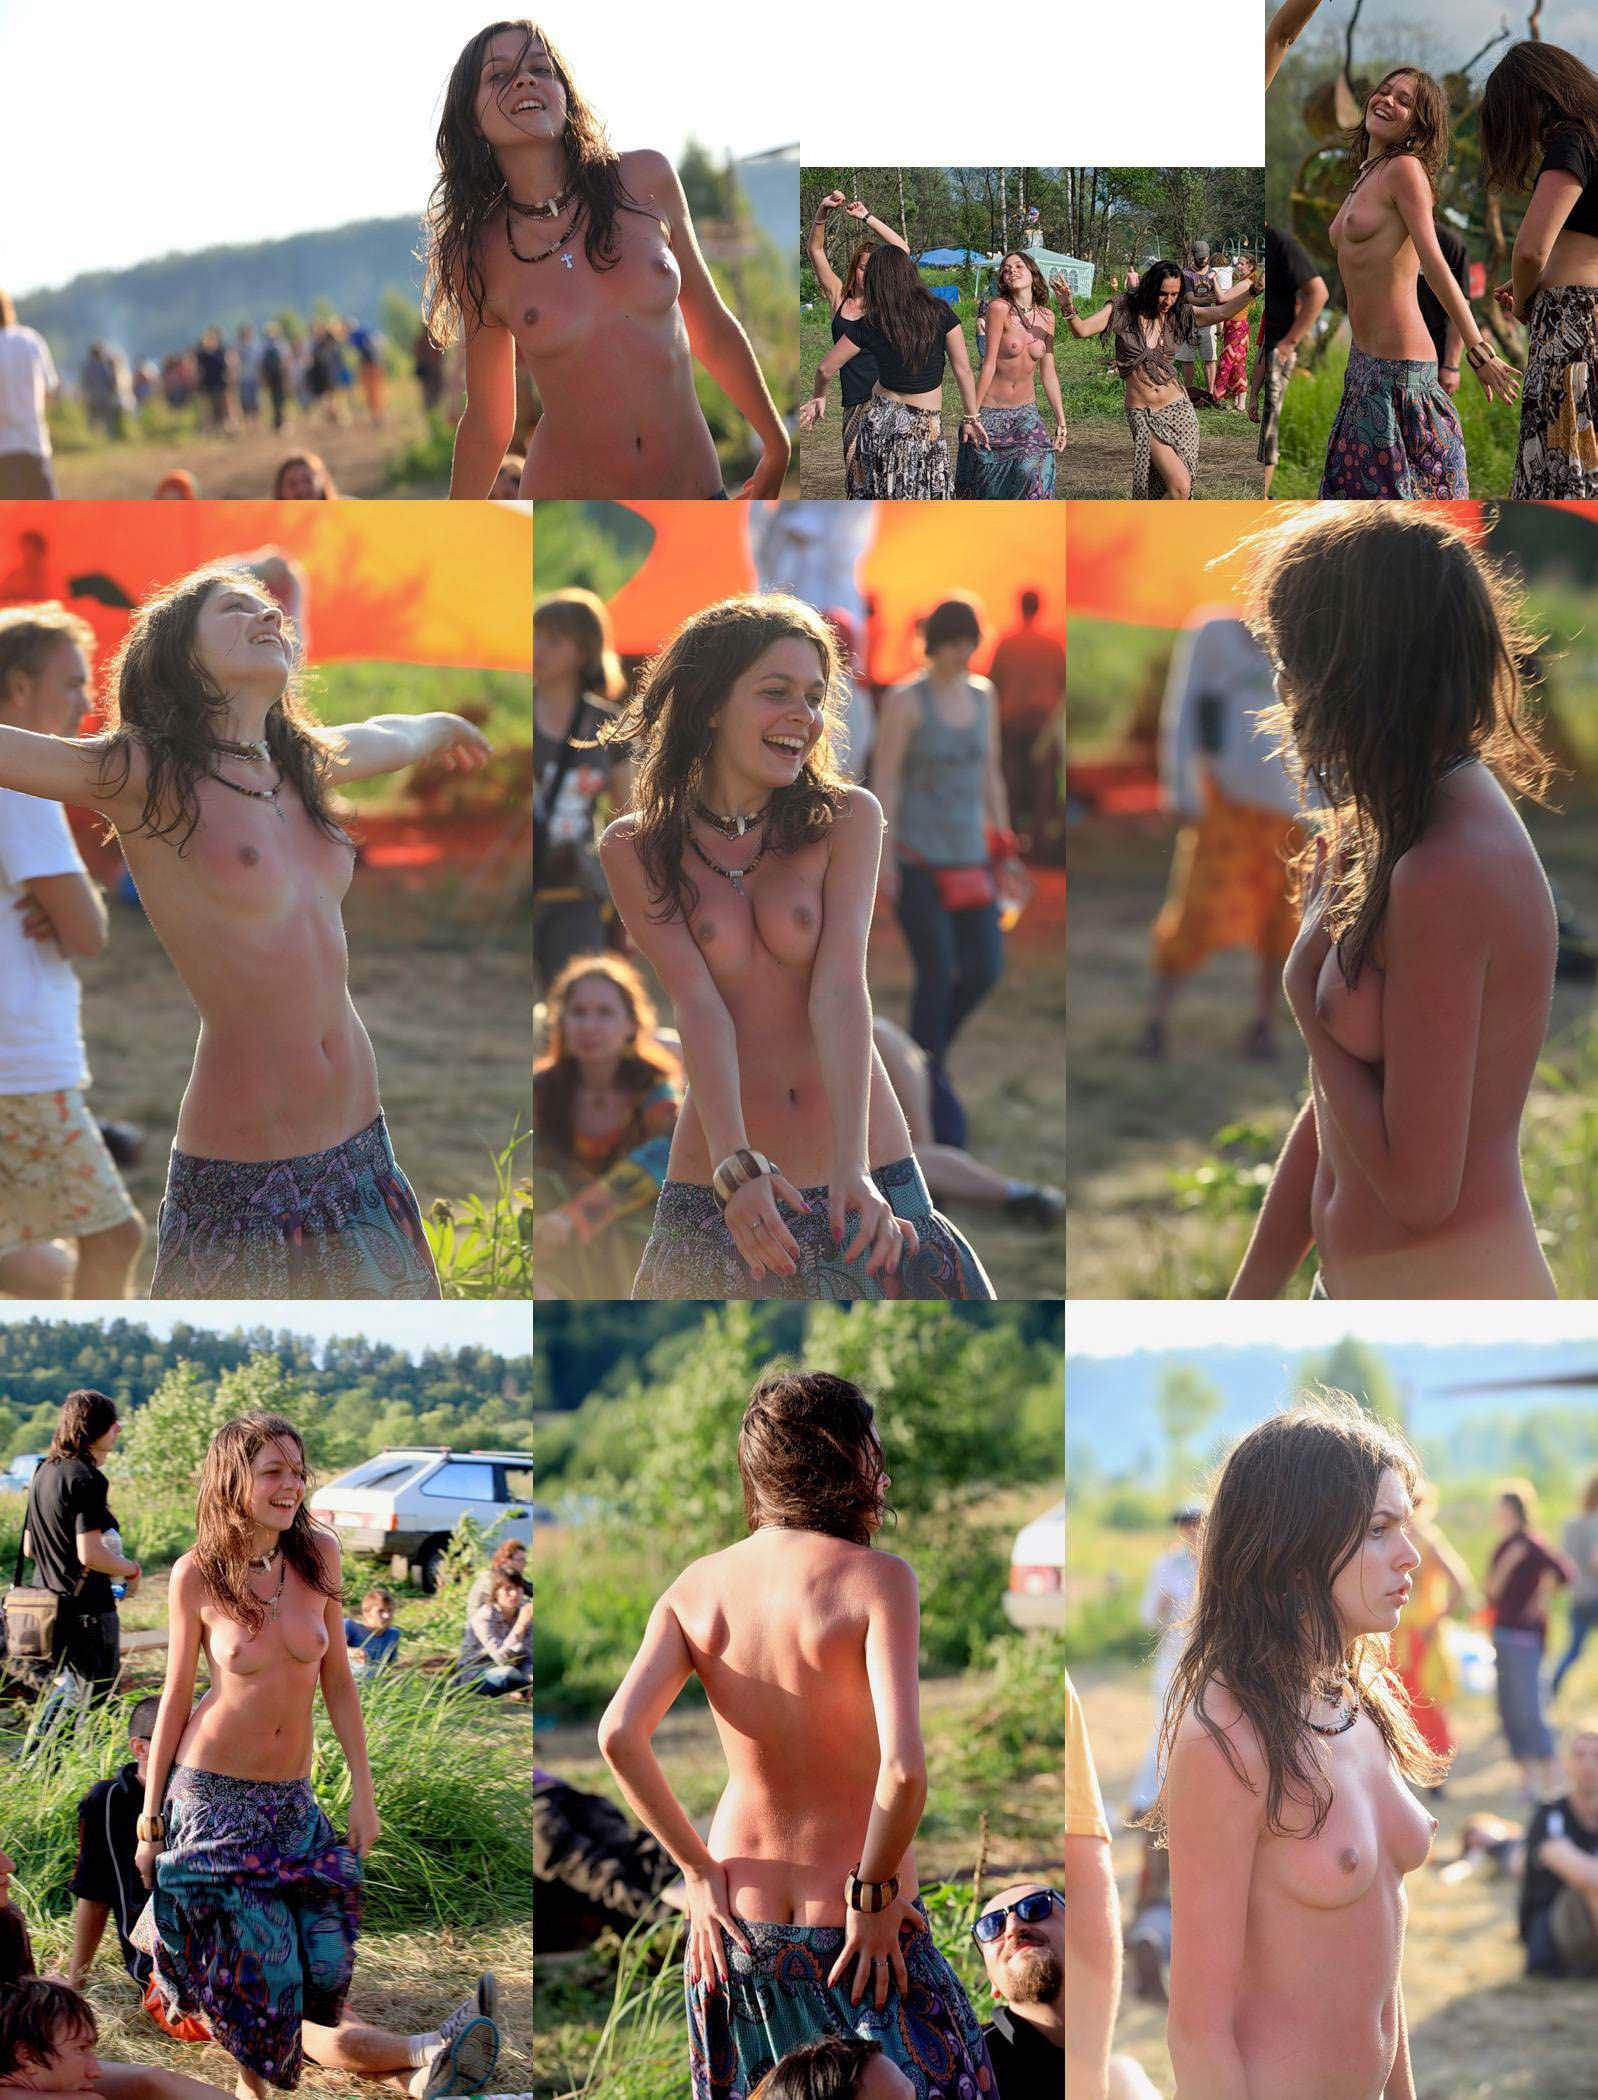 【外人】みんな当たり前のように裸で外をうろつく露出お祭りのポルノ画像 32109